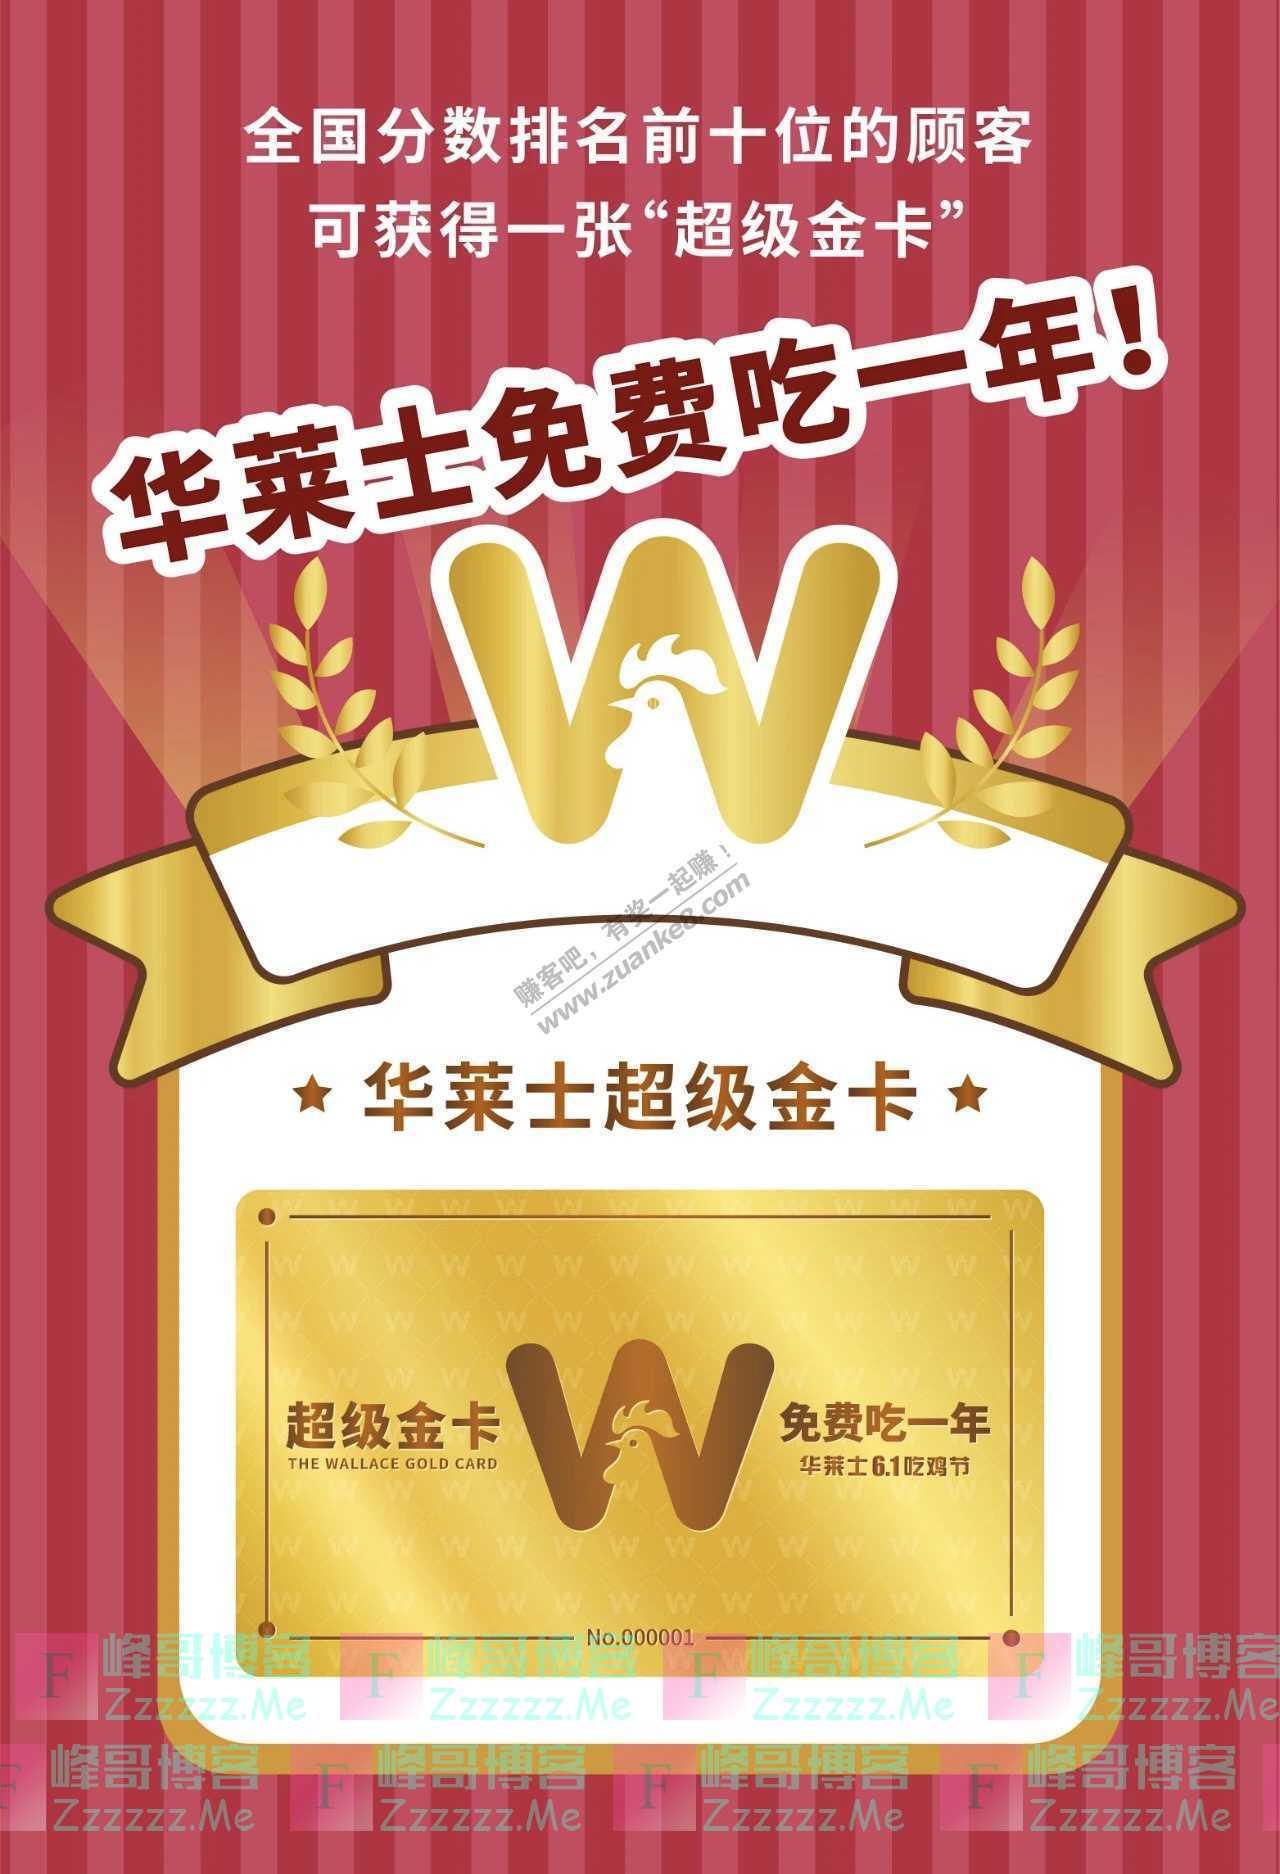 华莱士六一吃鸡:玩消消乐赢华莱士免费吃一年!(截止不详)